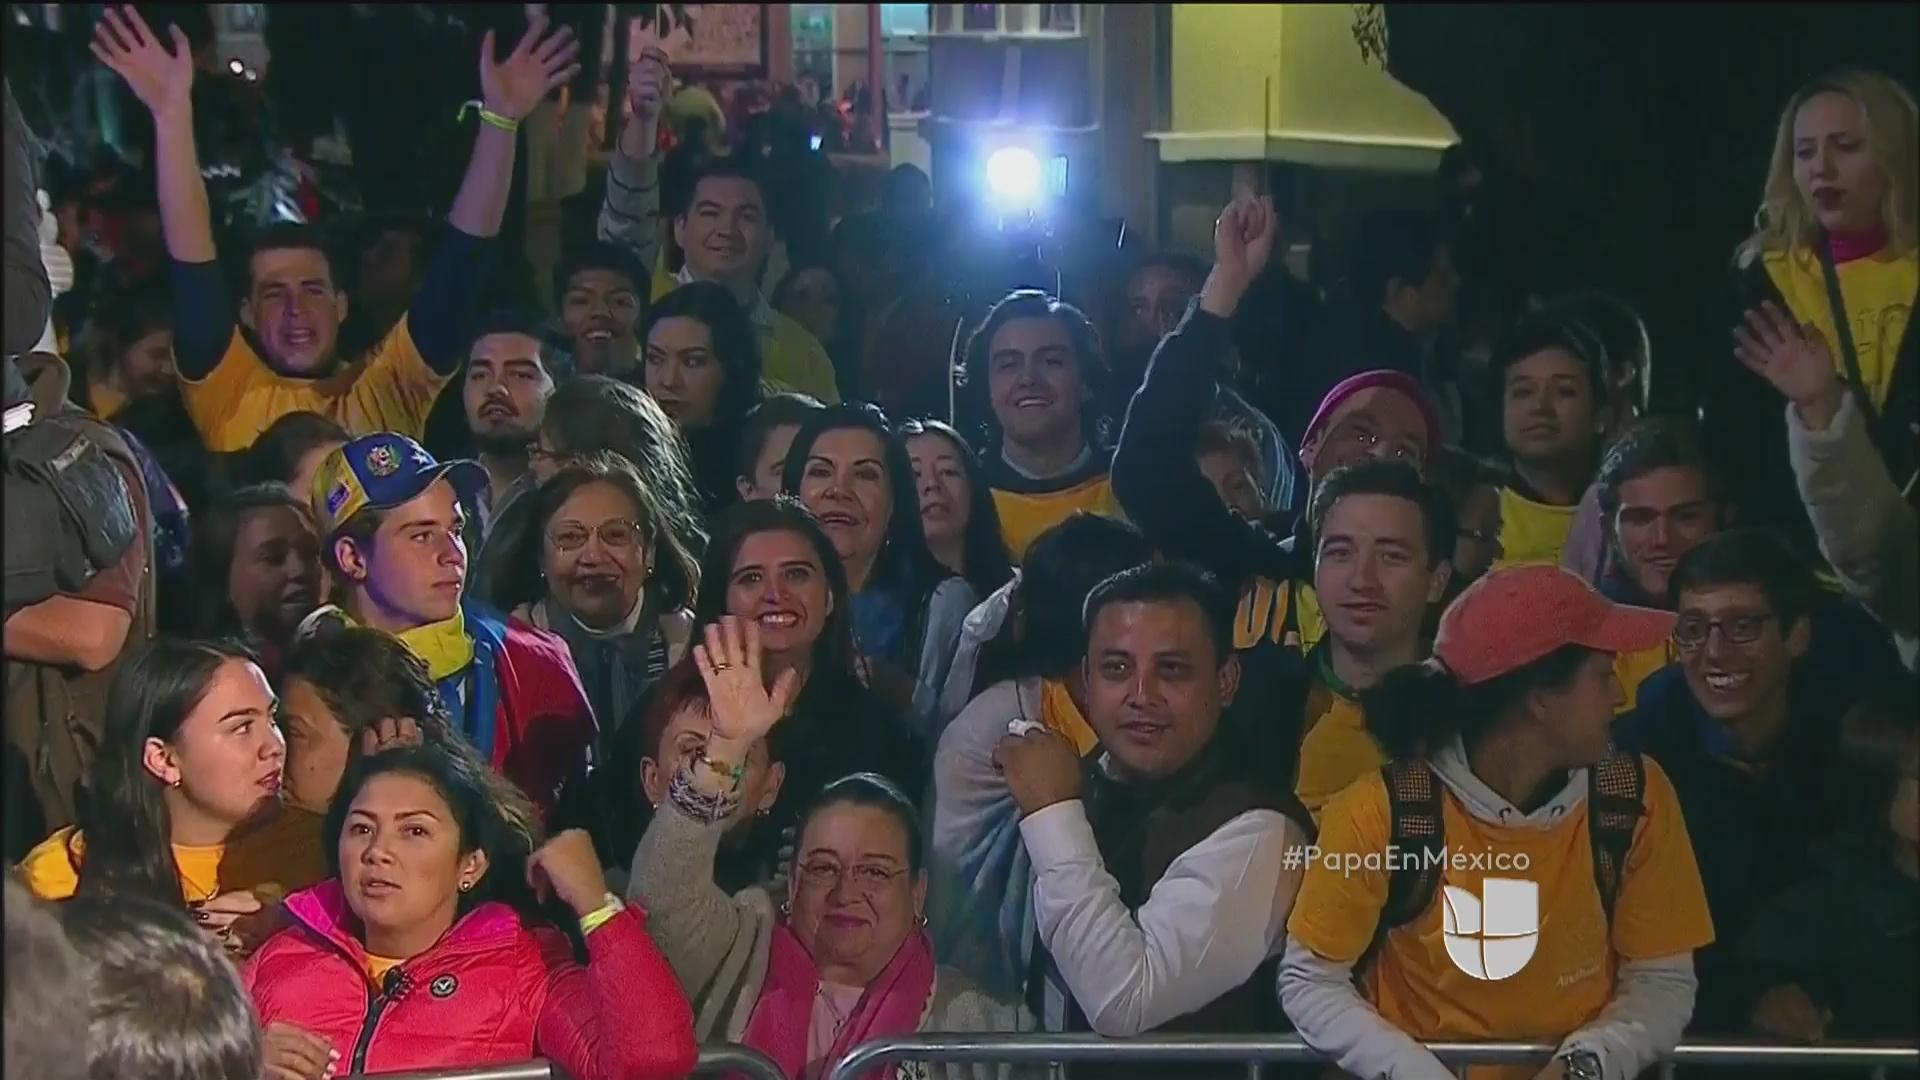 Así fue el recibimiento en México al papa Francisco